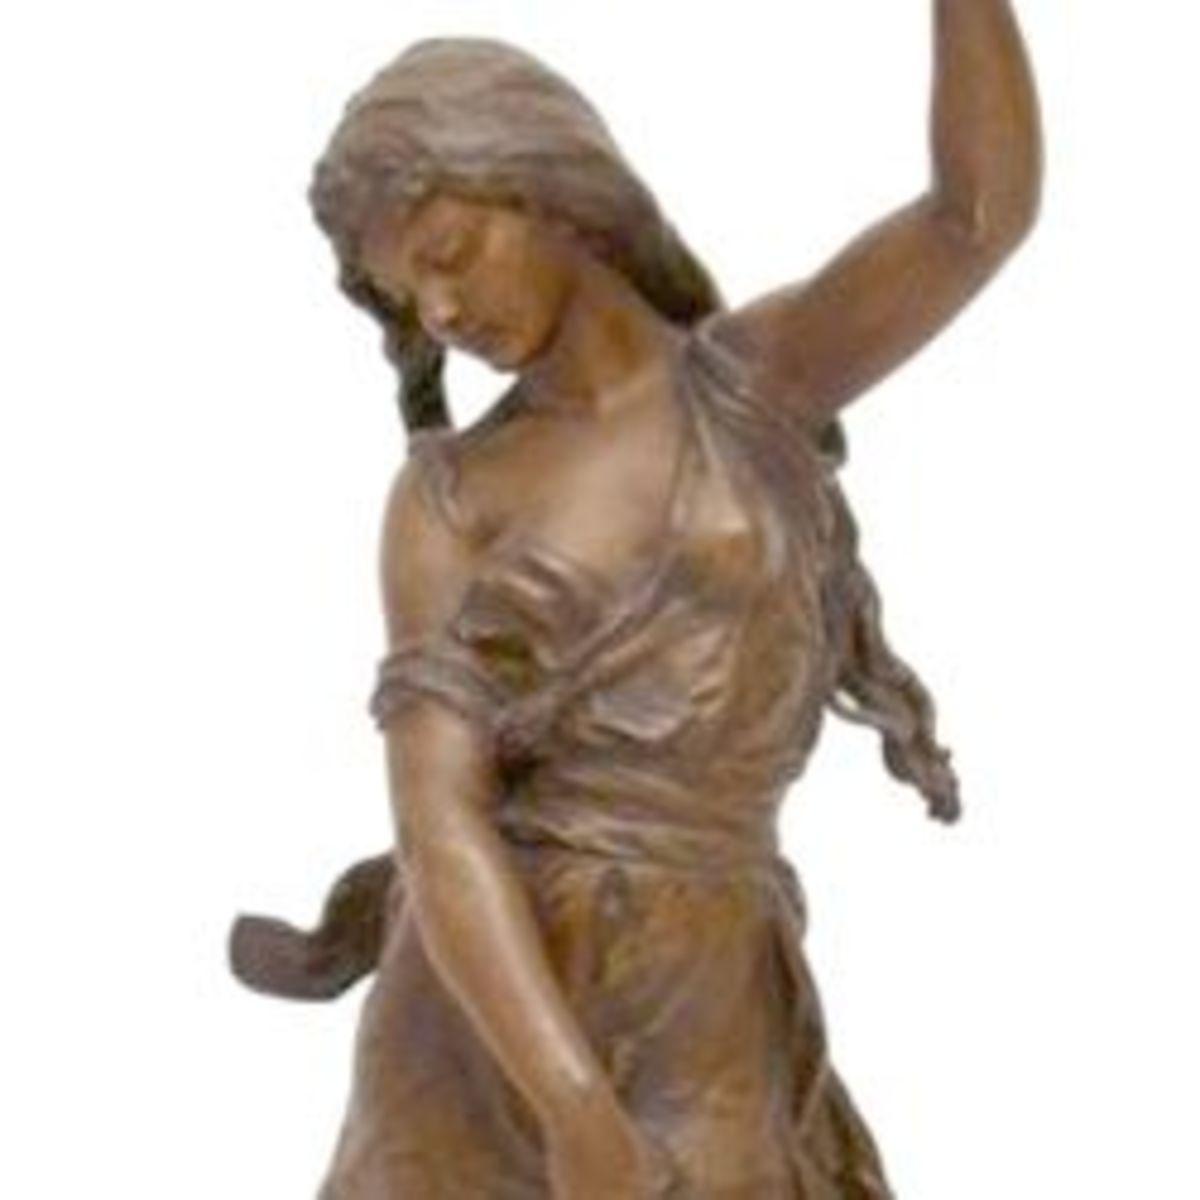 Hunchback of Notre Dame Sculpture